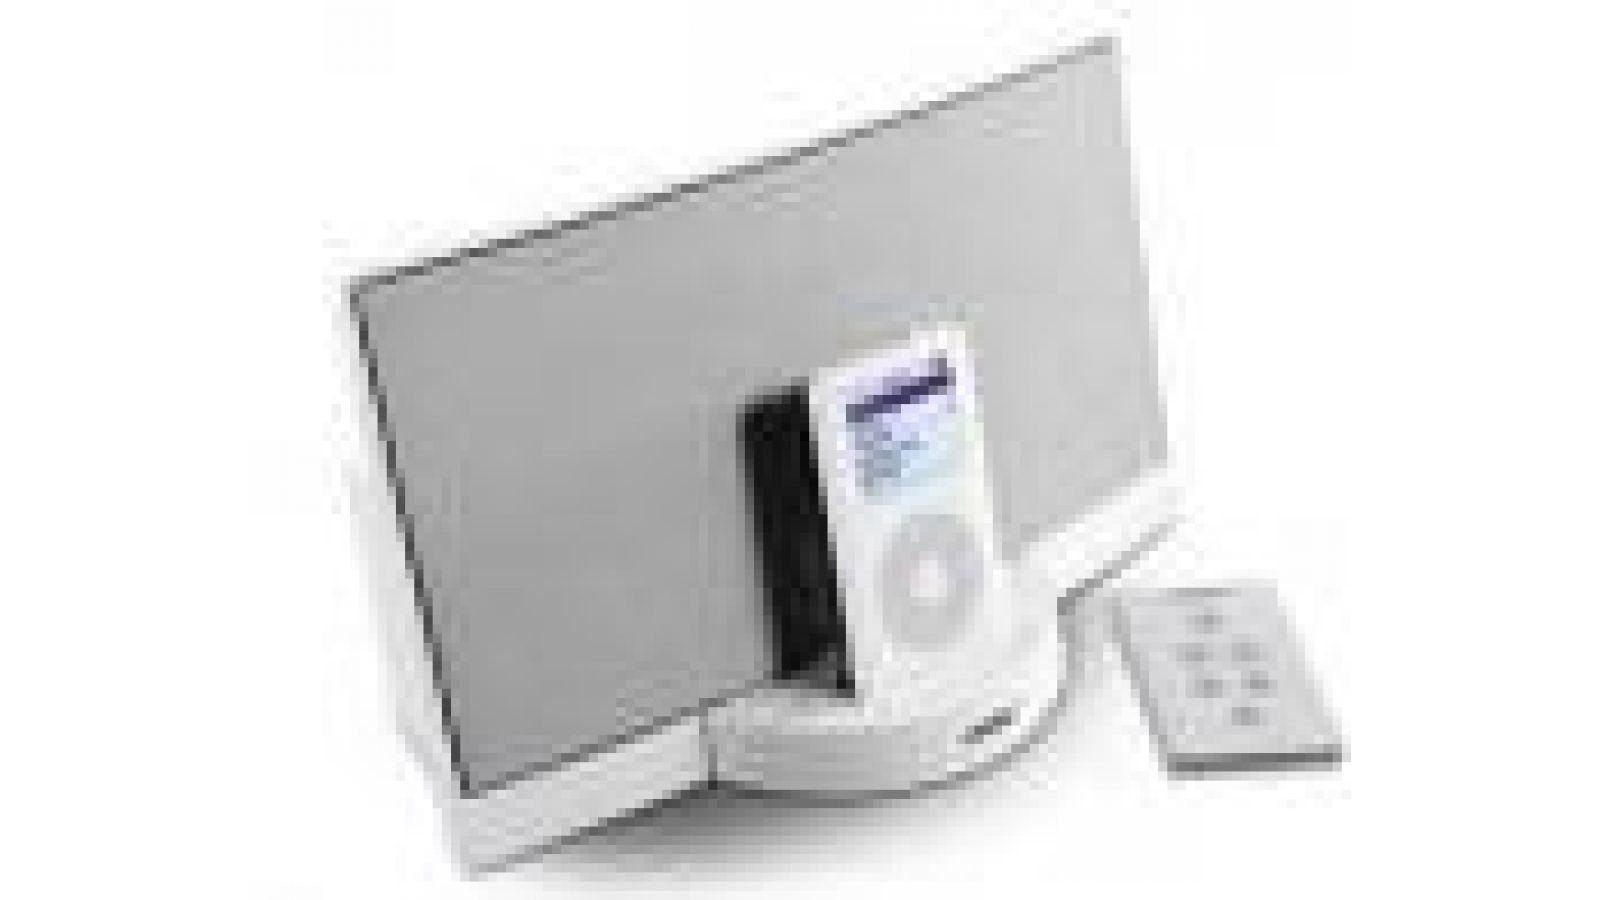 SoundDock¢â€ž¢ digital music system